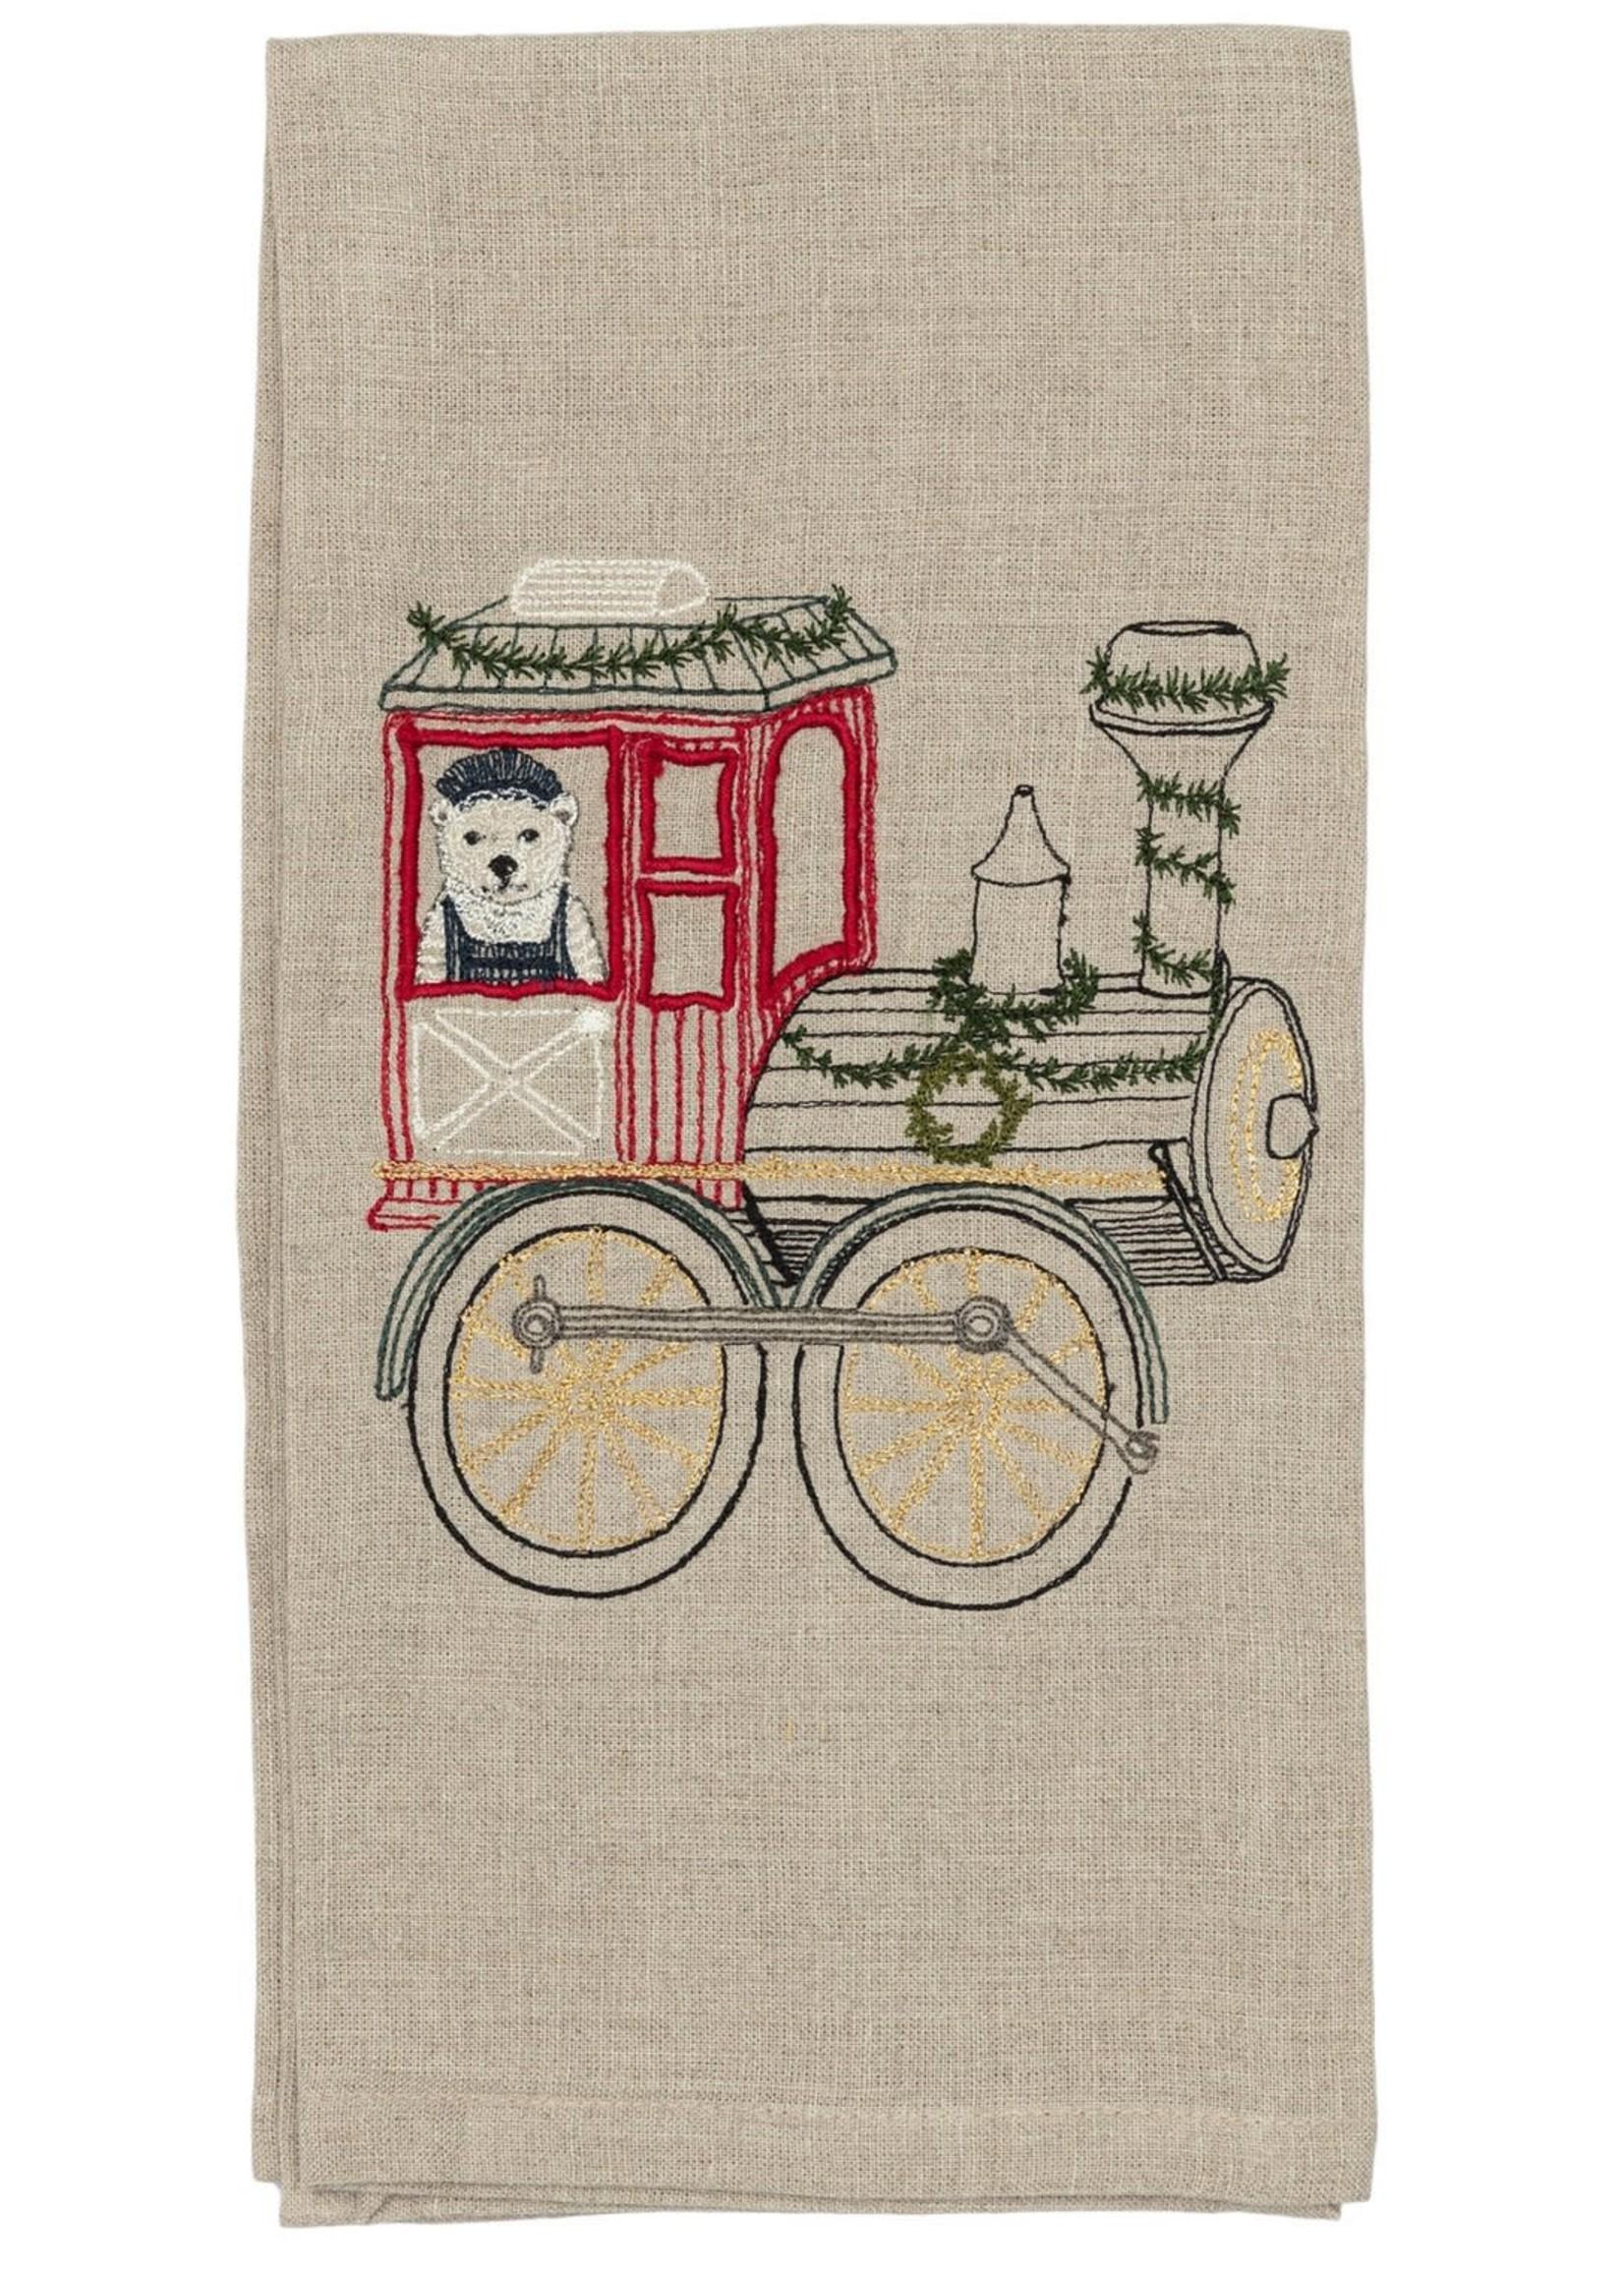 Coral and Tusk Tea Towel - Christmas Train